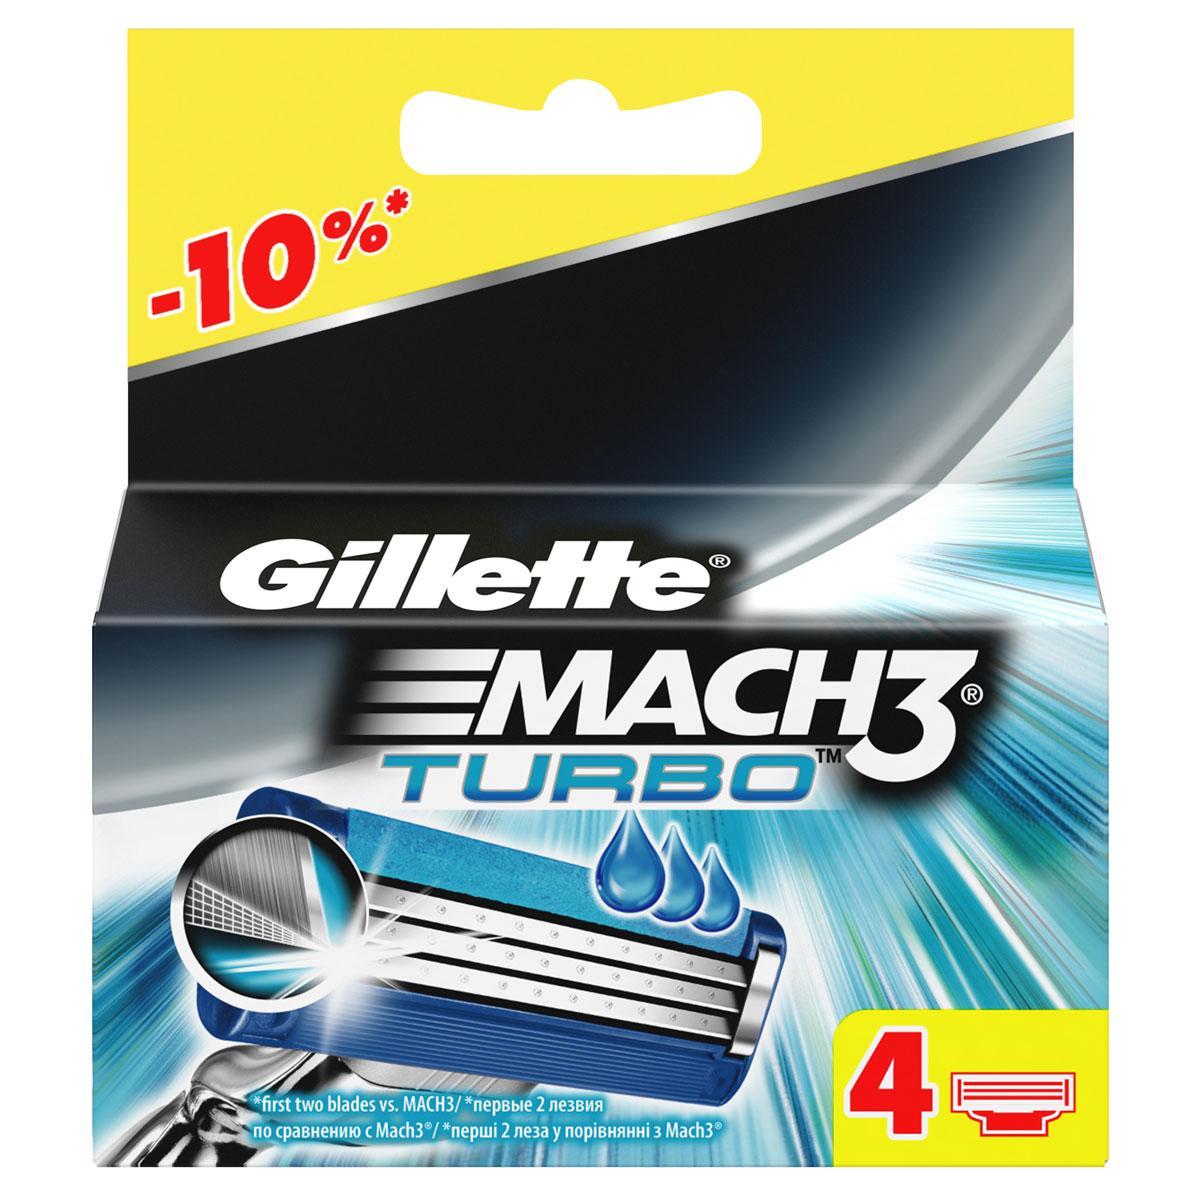 Gillette Сменные кассеты Mach3 Turbo, 4 штMCT-13284677Новые лезвия. Острее, чем одноразовая бритва. Бреет без раздражения. Даже 10-ое бритье Mach3 комфортнее 1-го одноразовой бритвой. Совершенствуй процесс бритья с бритвой Mach3! Gillette Mach3 Turbo имеет более острые лезвия (первые два лезвия в сравнении с Mach3) и обеспечивает гладкое бритье без раздражения по сравнению одноразовыми бритвами Bluell Plus. Лезвия Turbo легче срезают щетину, не тянут и не дергают волоски (первые два лезвия в сравнении с Mach3), даря вам невероятный комфорт. В то же время гелевая полоска Comfort помогает сохранить дольше вашу бритву Mach3 Turbo и мягко скользит по коже (по сравнению с одноразовыми бритвенными станками Bluell Plus). Этот станок имеет вдвое больше микрогребней SkinGuard для мягкости бритья (по сравнению с одноразовыми бритвенными станками Bluell Plus). Плавающая головка обеспечивает тесный контакт лезвий с кожей, рукоятка с регулировкой нажатия адаптируется к контурам лица для более легкого и комфортного бритья (по сравнению с...